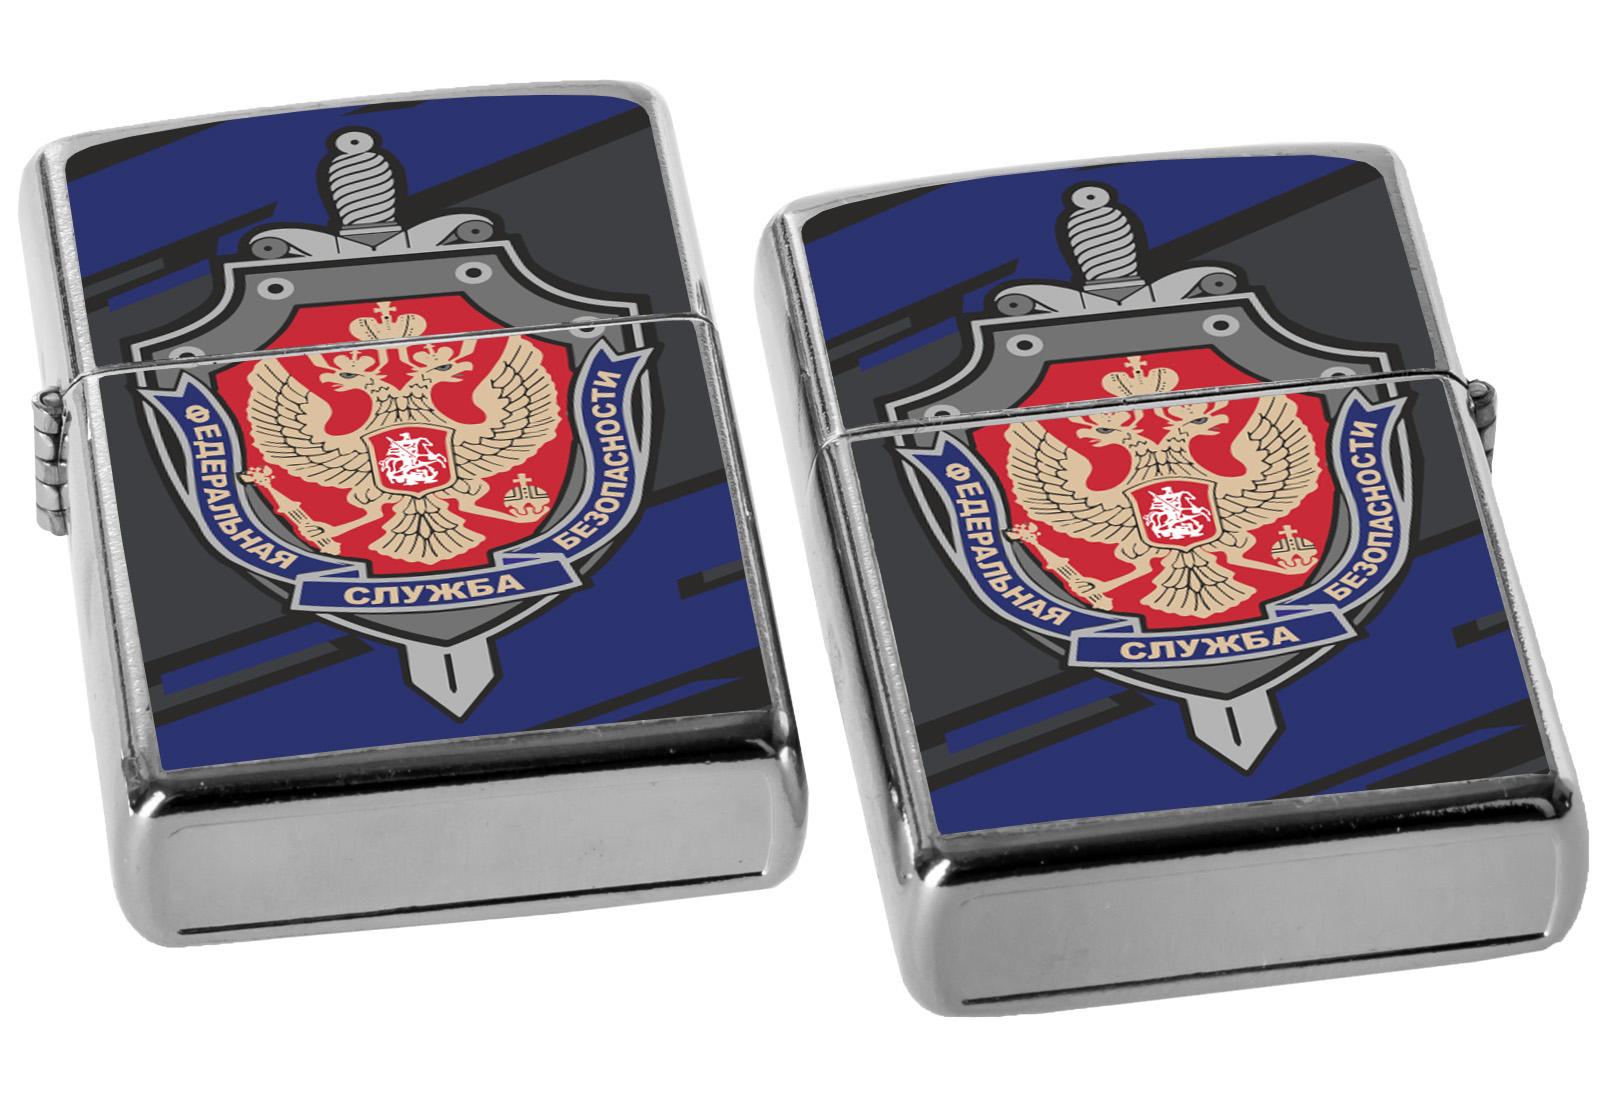 Оригинальная зажигалка ФСБ бензиновая купить в подарок